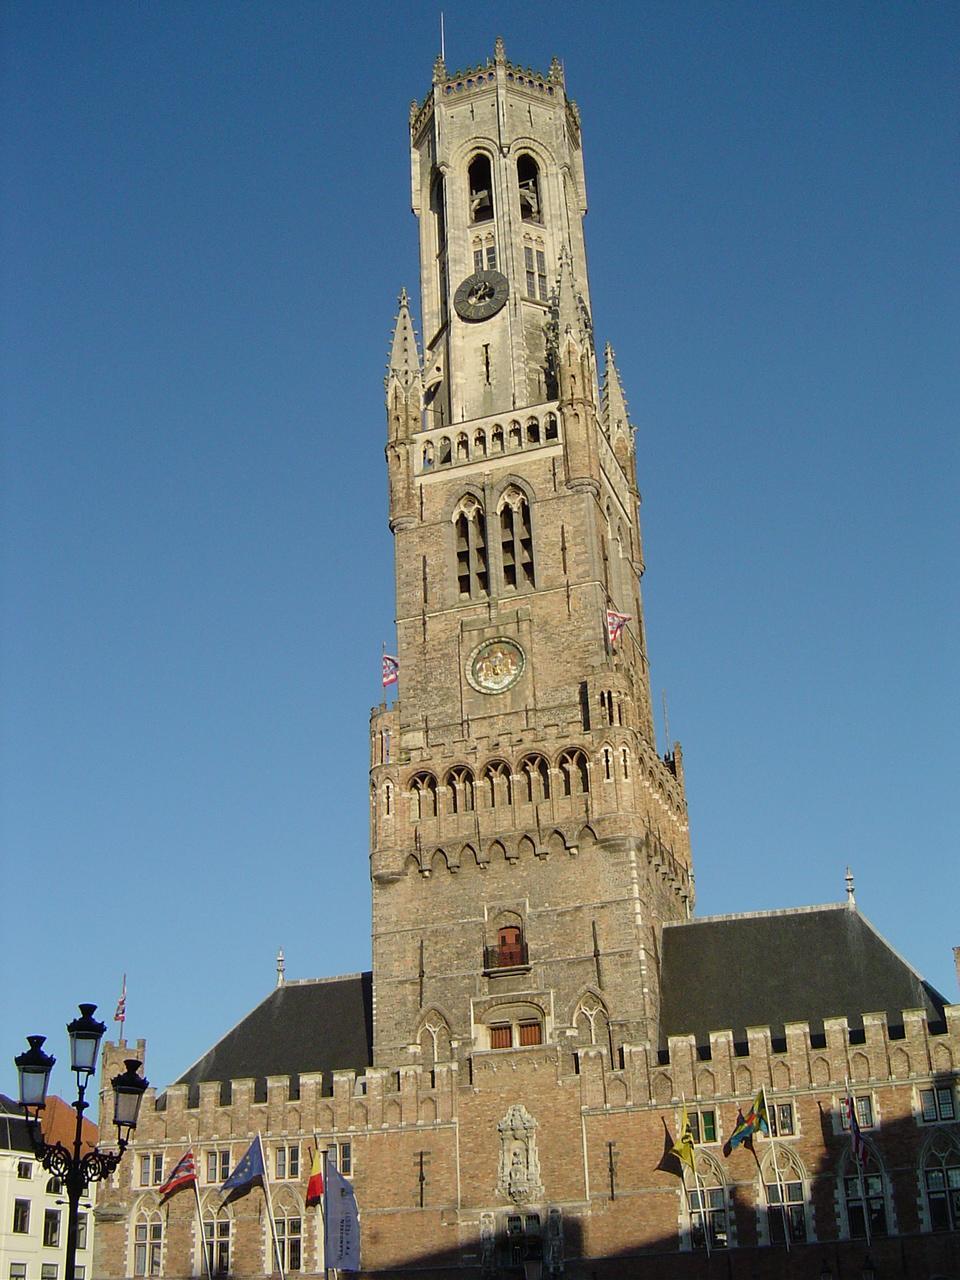 Turnul Belfort, elementul care definește Piața Centrală din Bruges